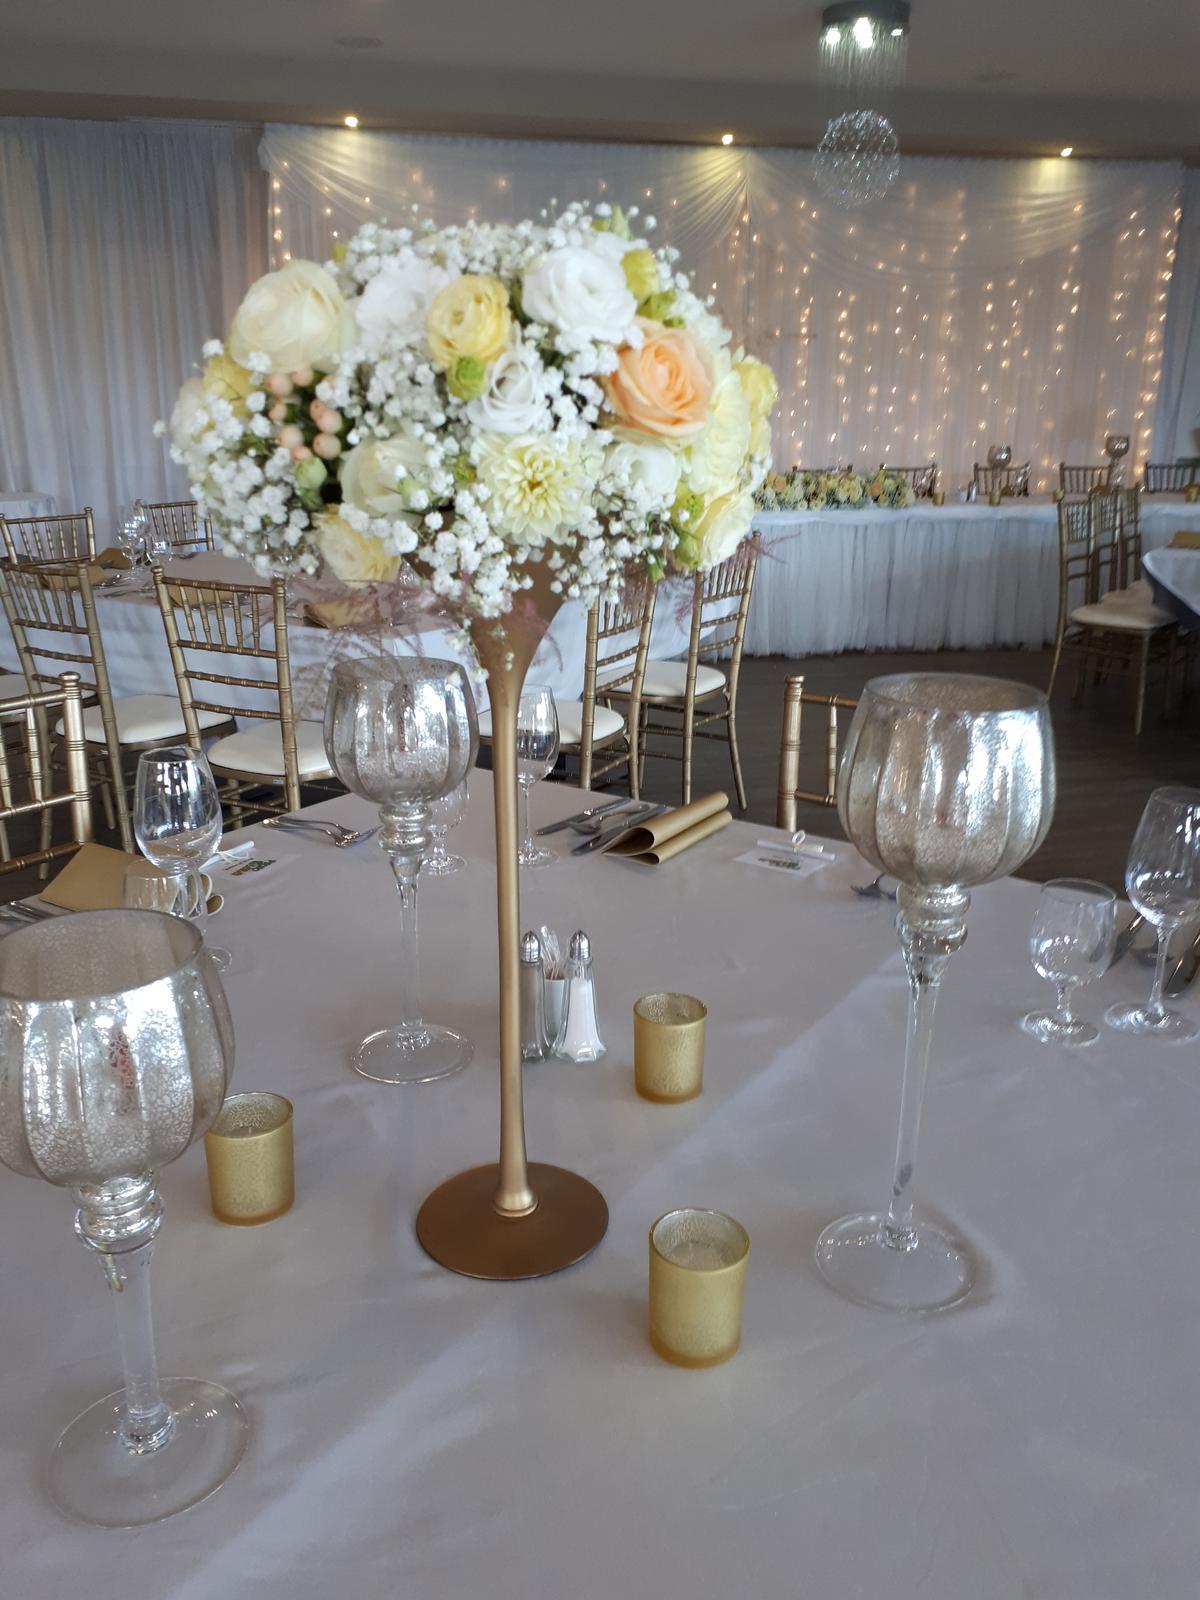 zlaté martiny vázy - Obrázok č. 1